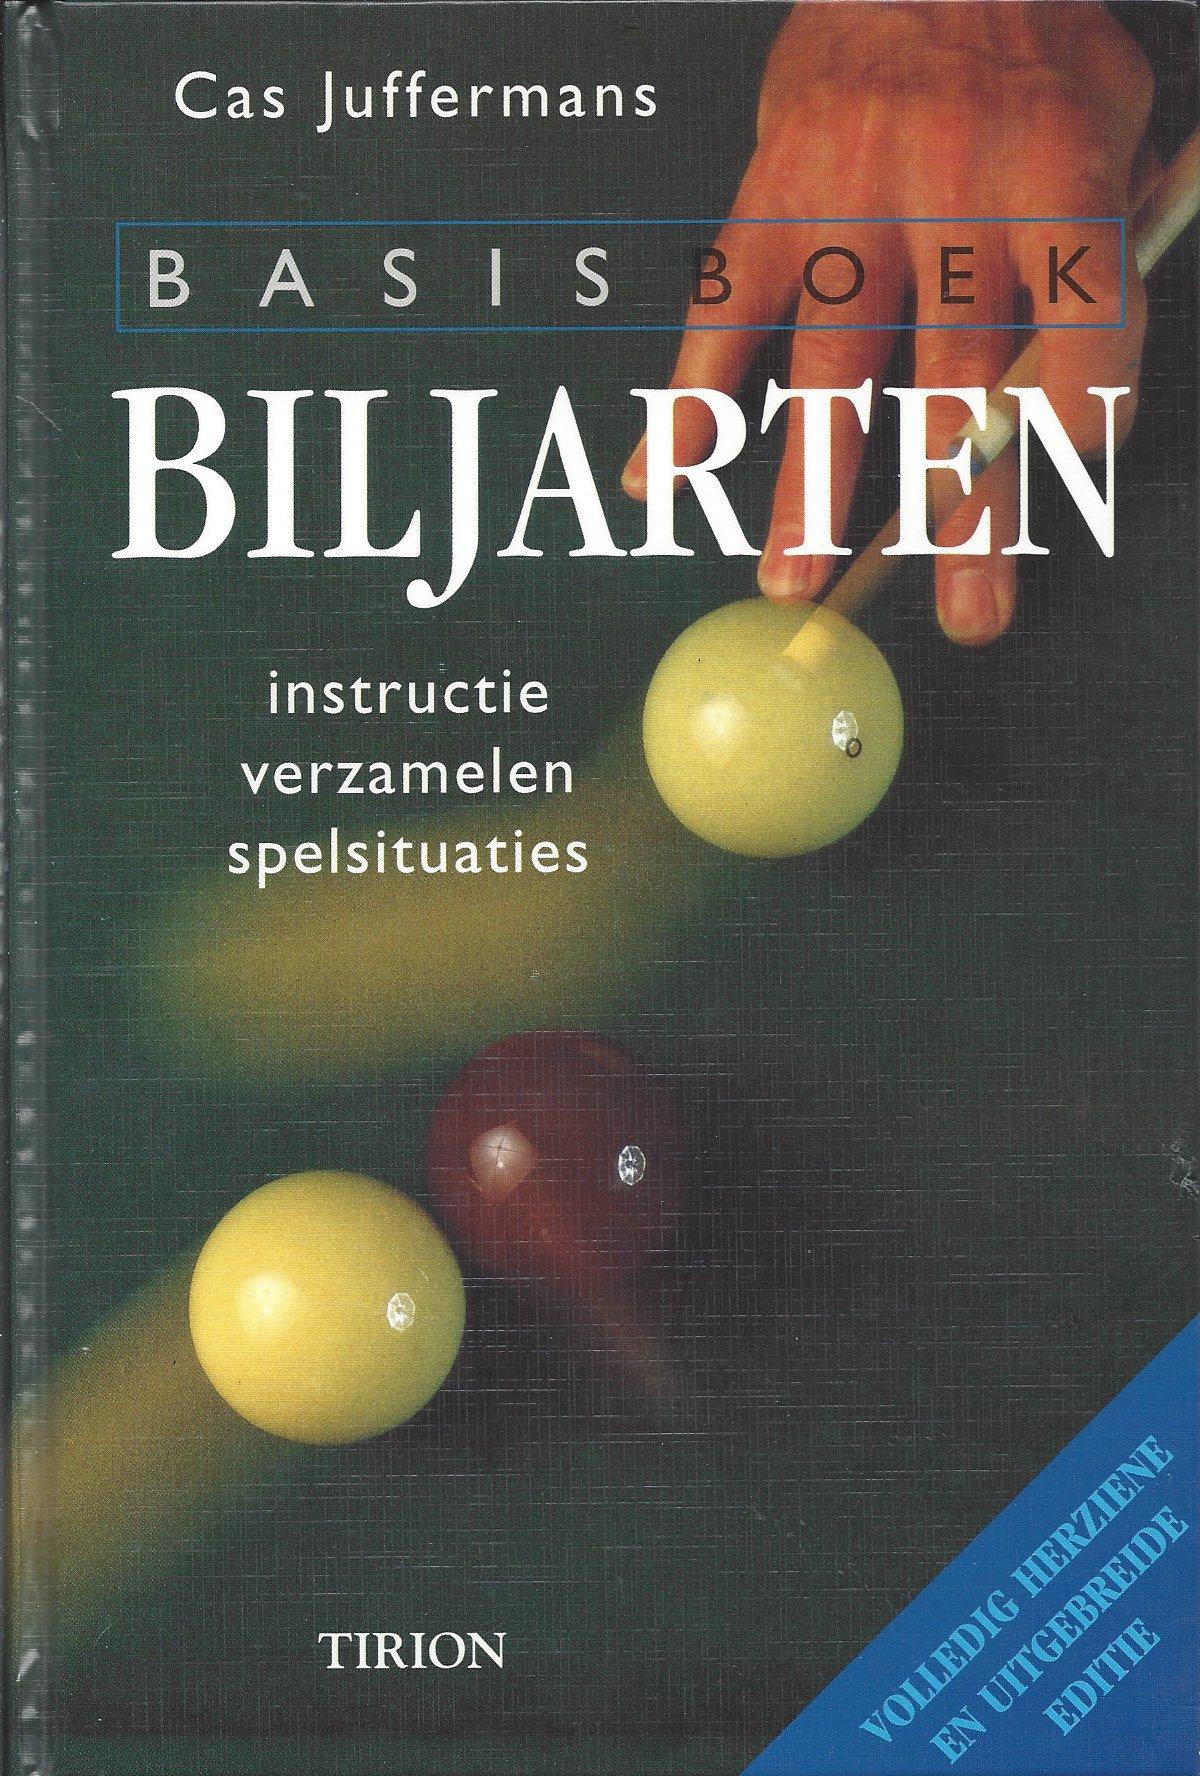 Juffermans, Cas - Basisboek Biljarten -Instructie, verzamelen, spelsituaties